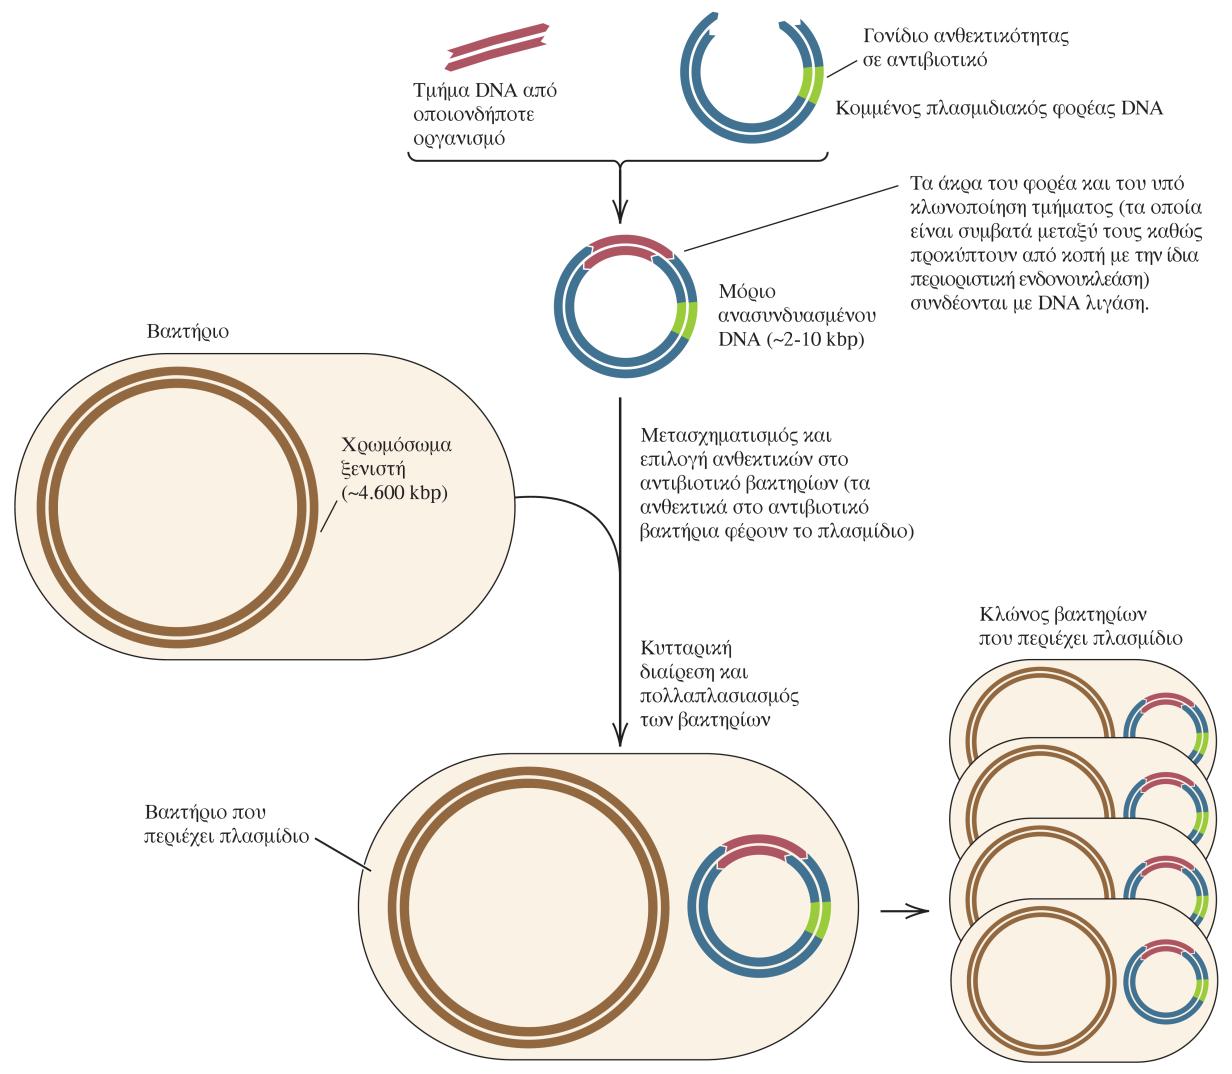 συμβατότητα με το DNA φουτζίγια ταϊσούκε dating